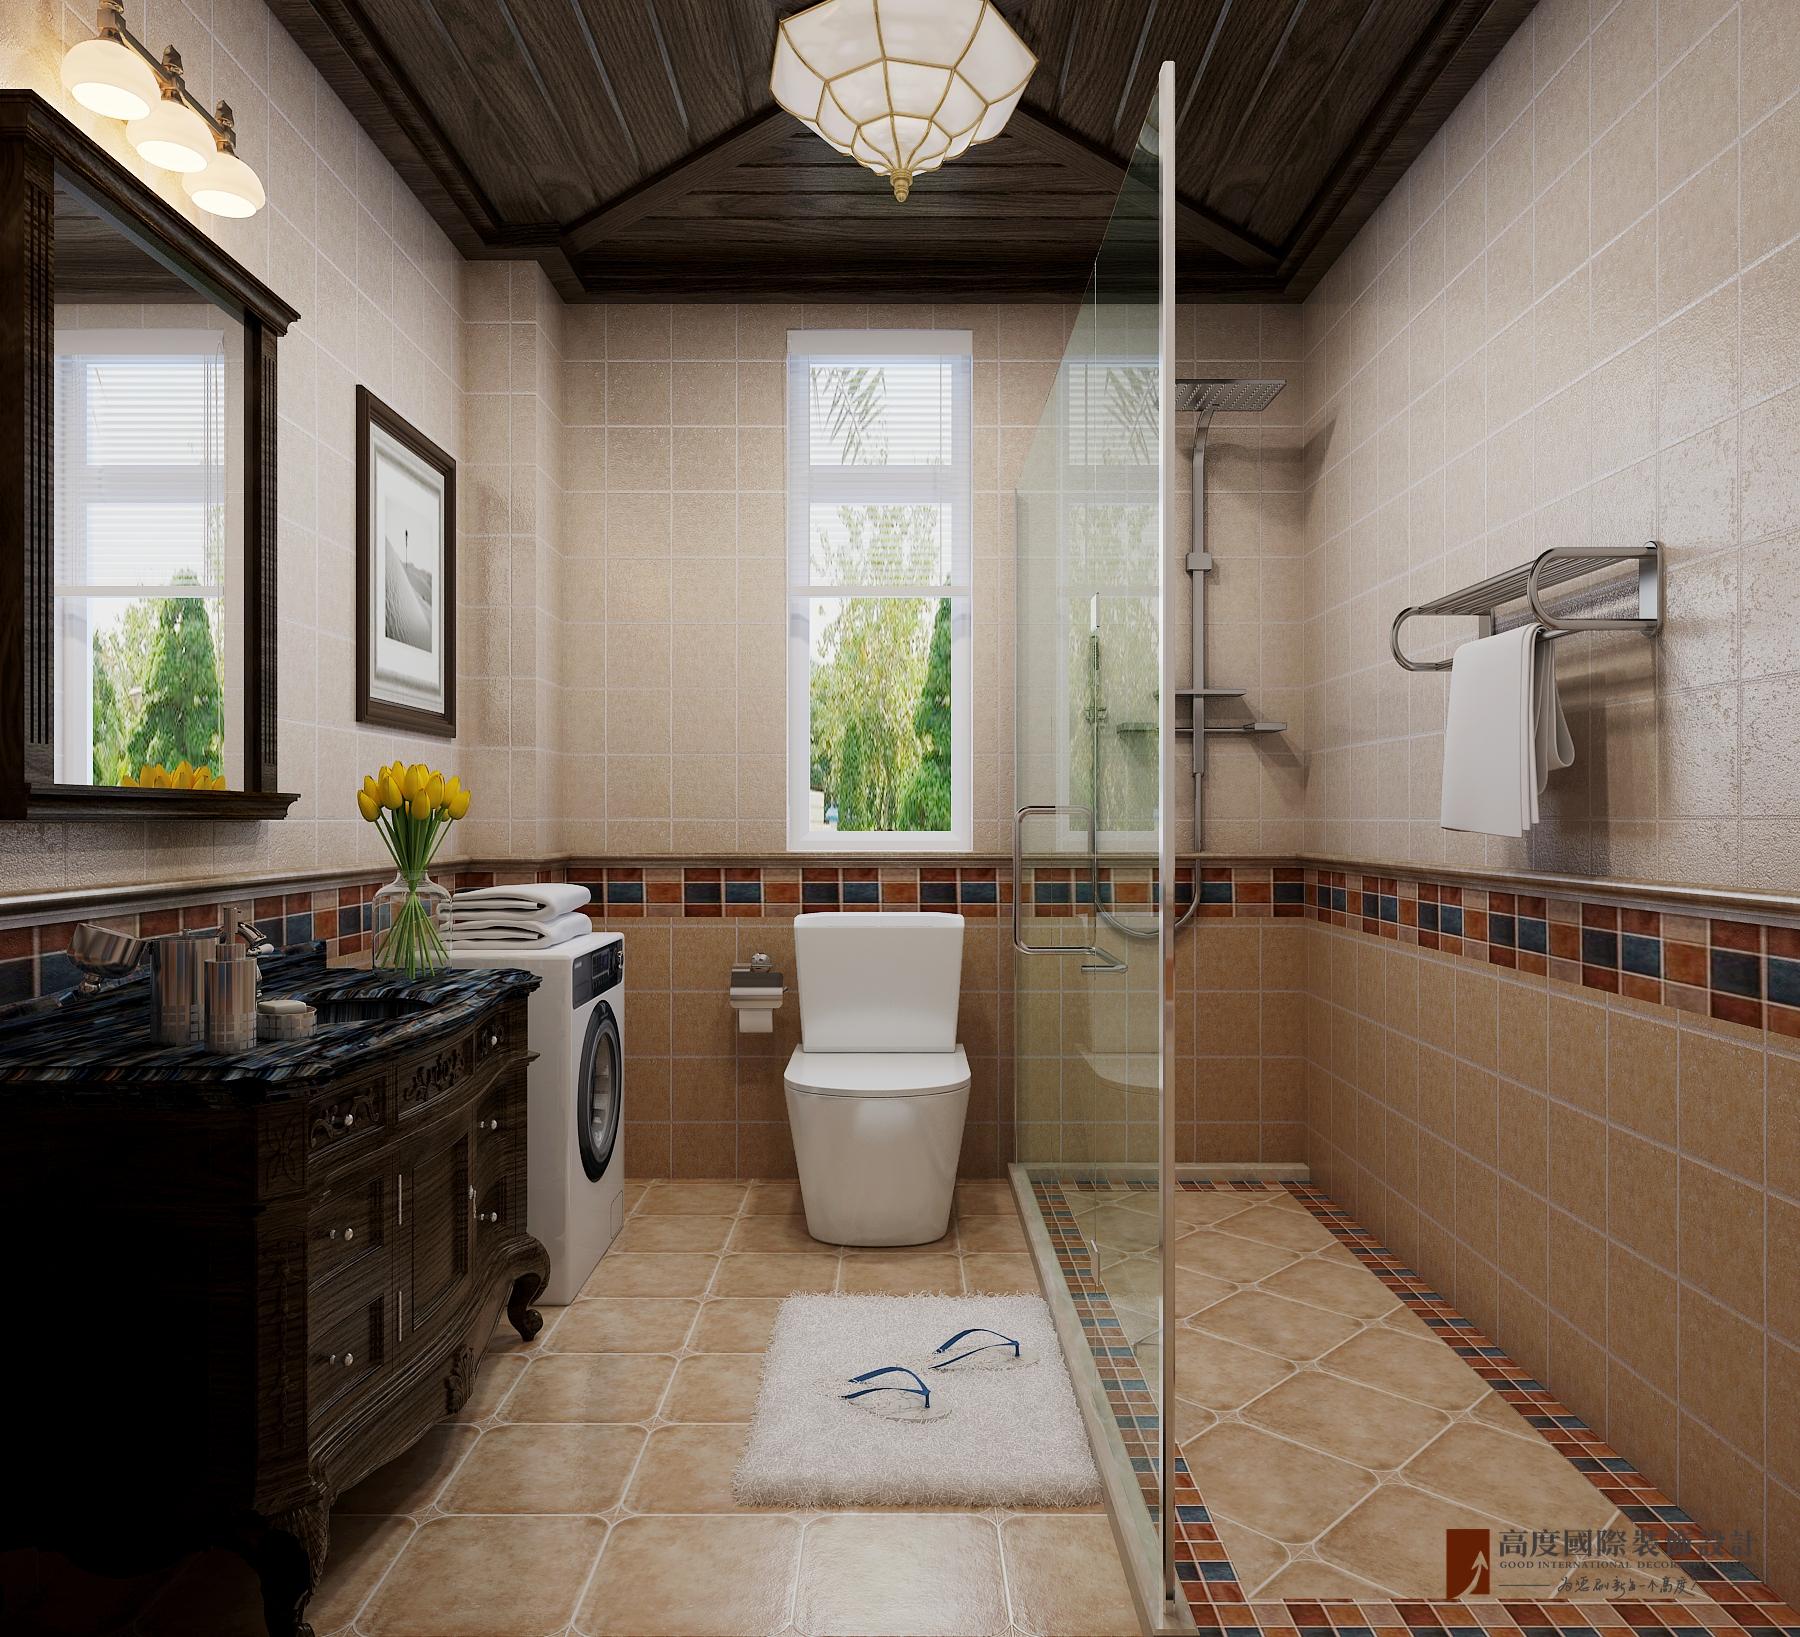 田园 混搭 别墅 客厅 卧室 厨房 餐厅图片来自设计师刘少帅在八达岭孔雀城的分享